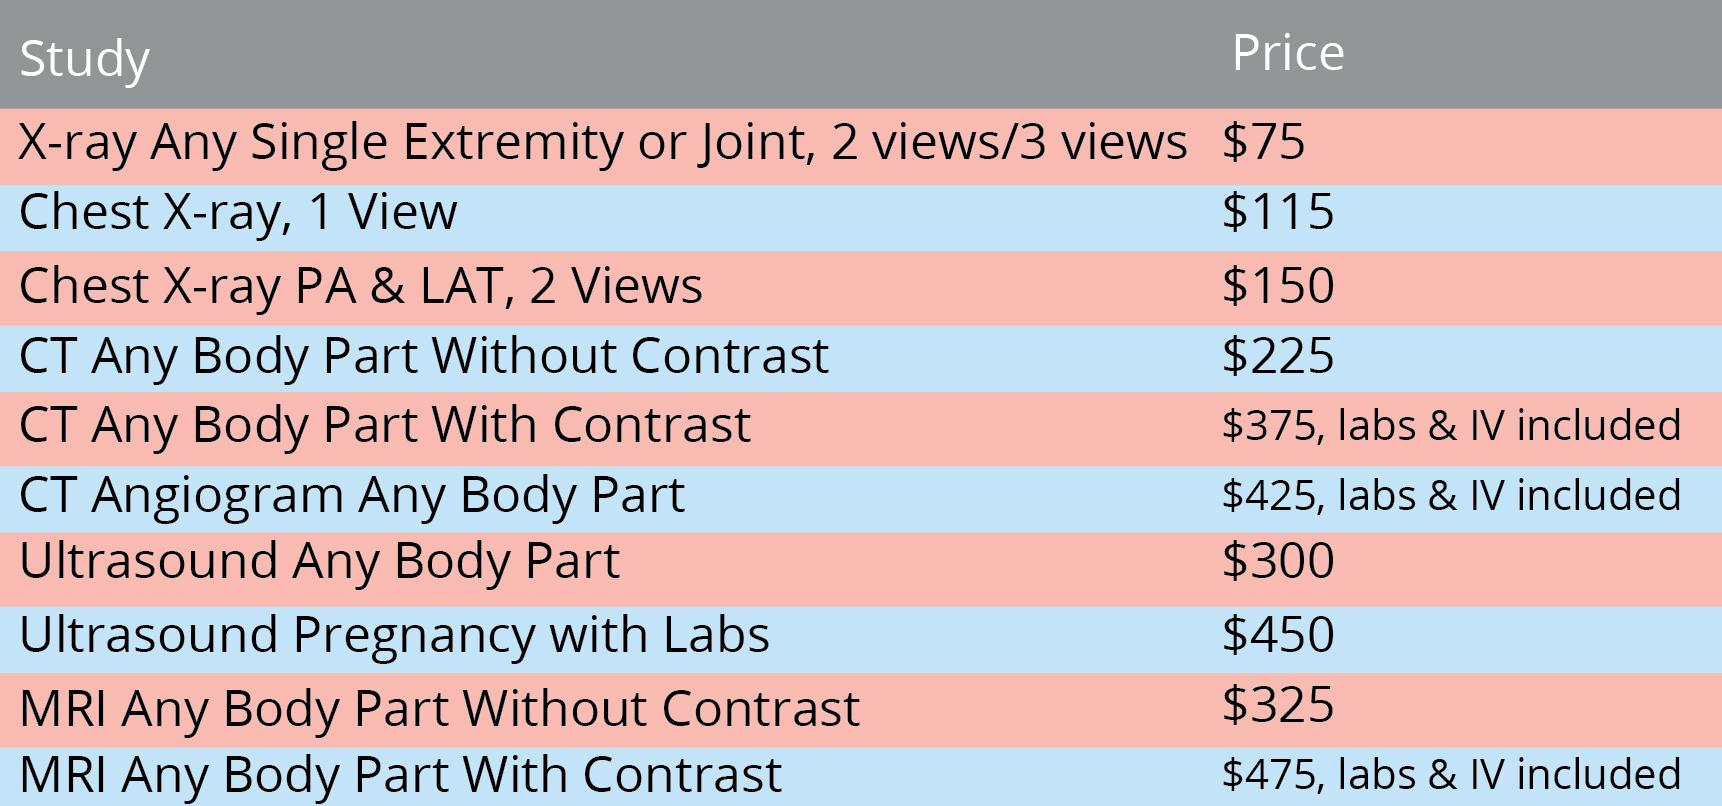 Cash List_Final_study